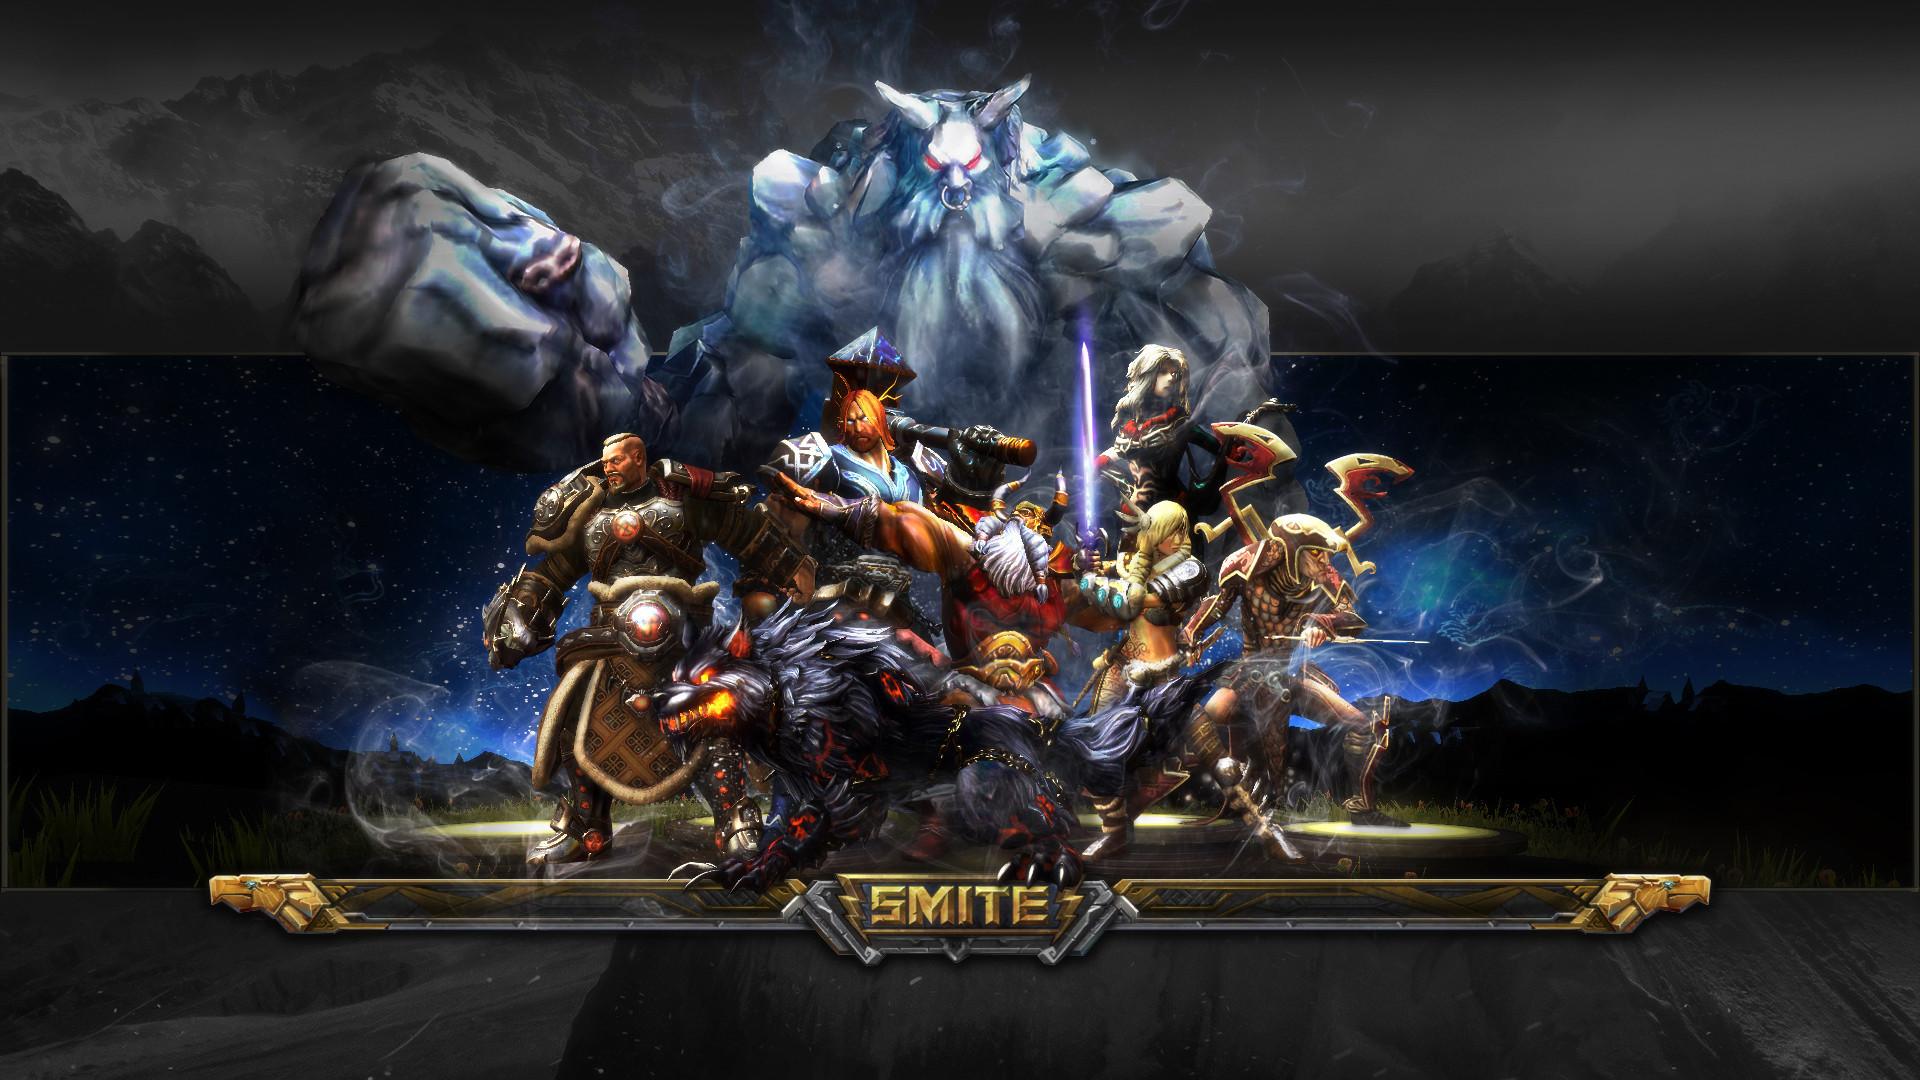 Smite Game HD Wallpaper